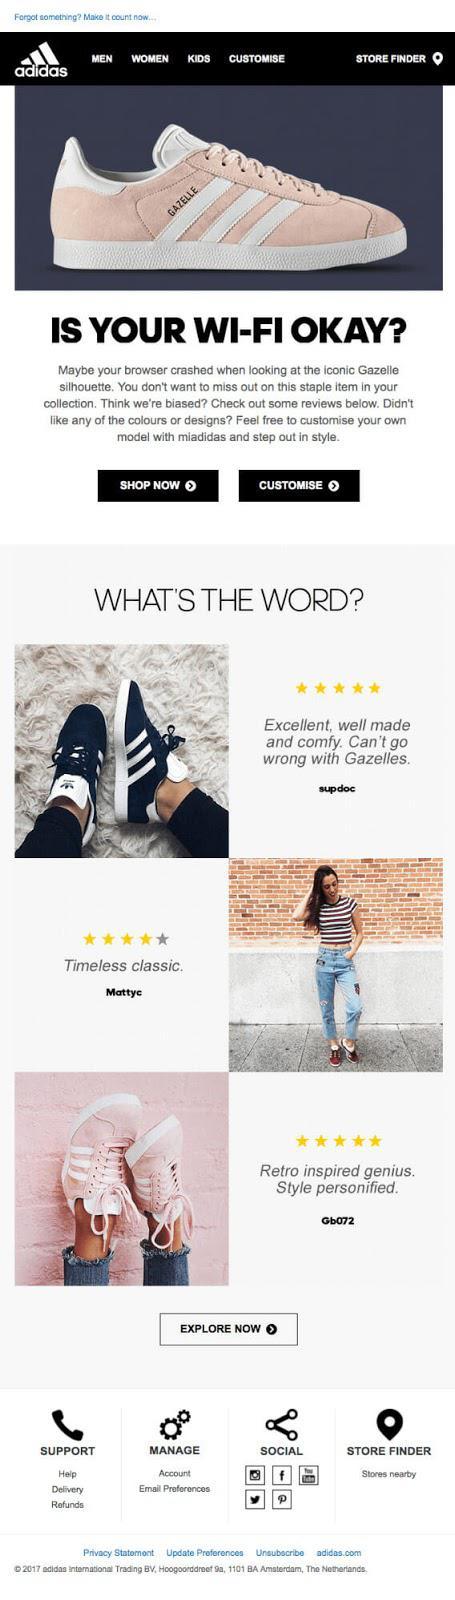 Adidas на своей странице отзывов предлагает ознакомиться с мнениями покупателей, купивших легендарную модель кроссовок adidas Gazelle, приобрести этот товар, кастомизировать заказ под свои вкусы или подробнее изучить данное предложение.